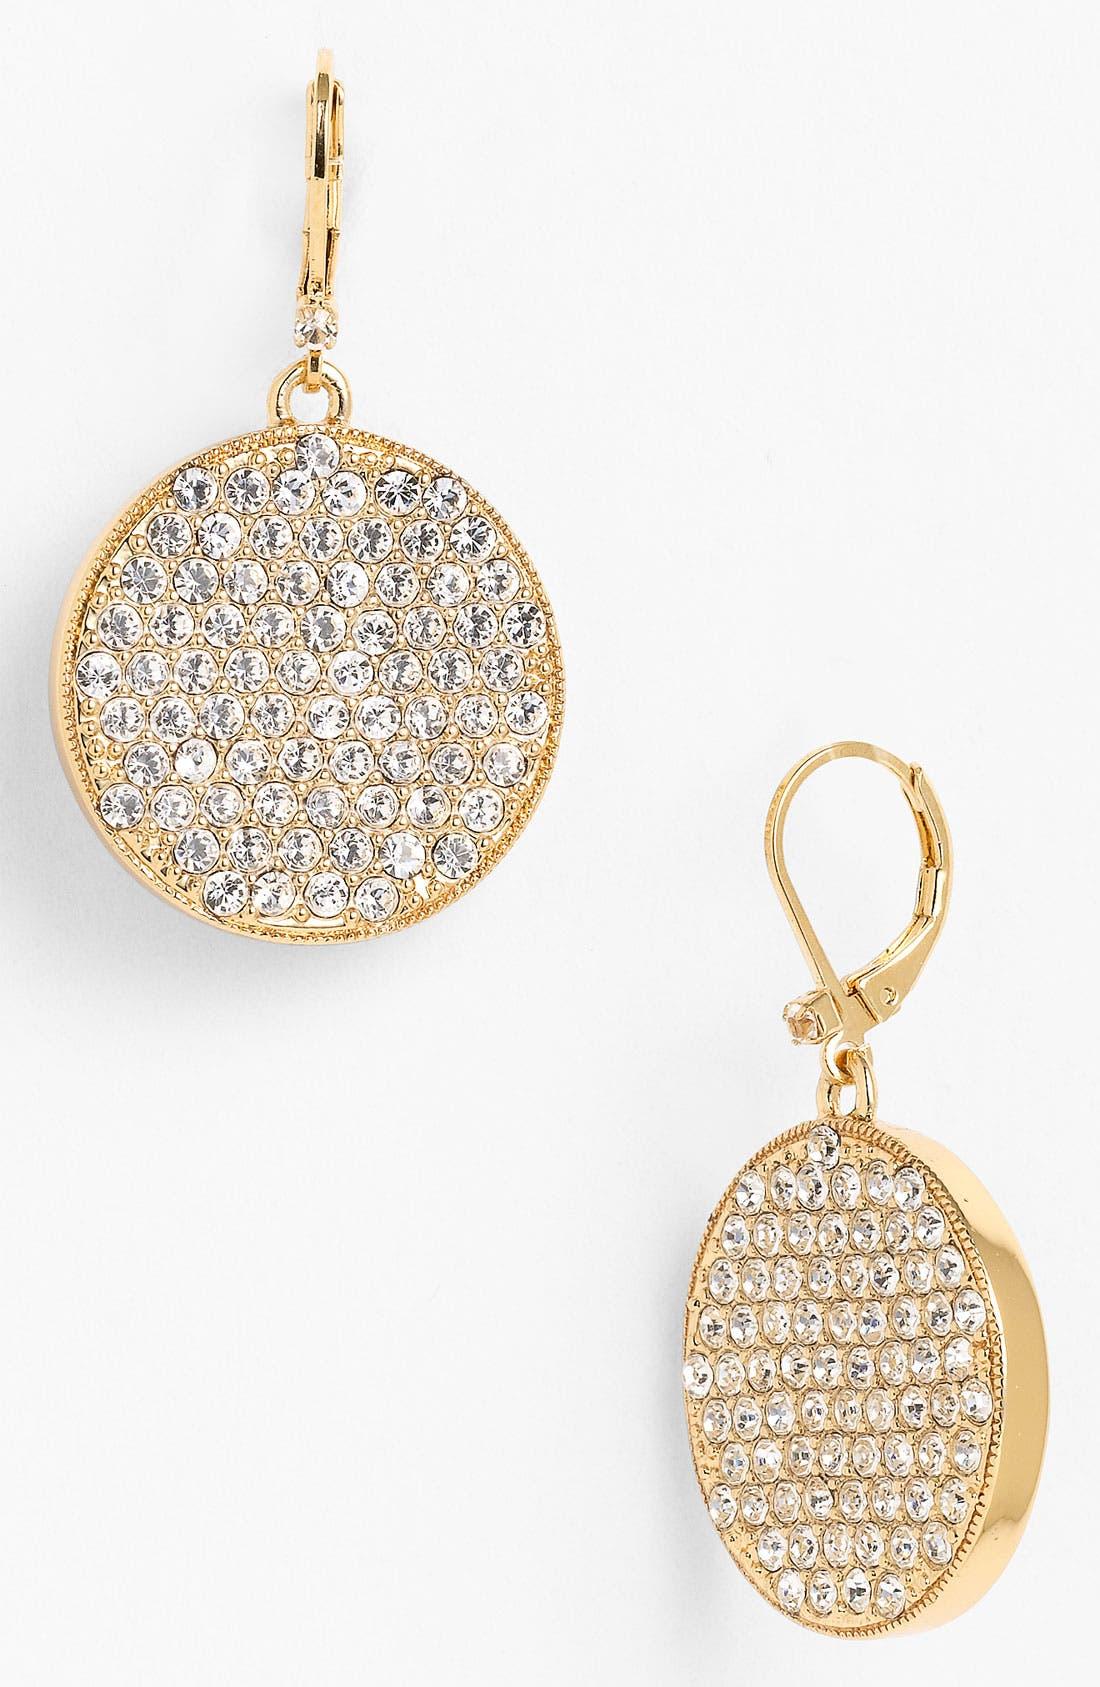 Main Image - kate spade new york 'bright spot' drop earrings